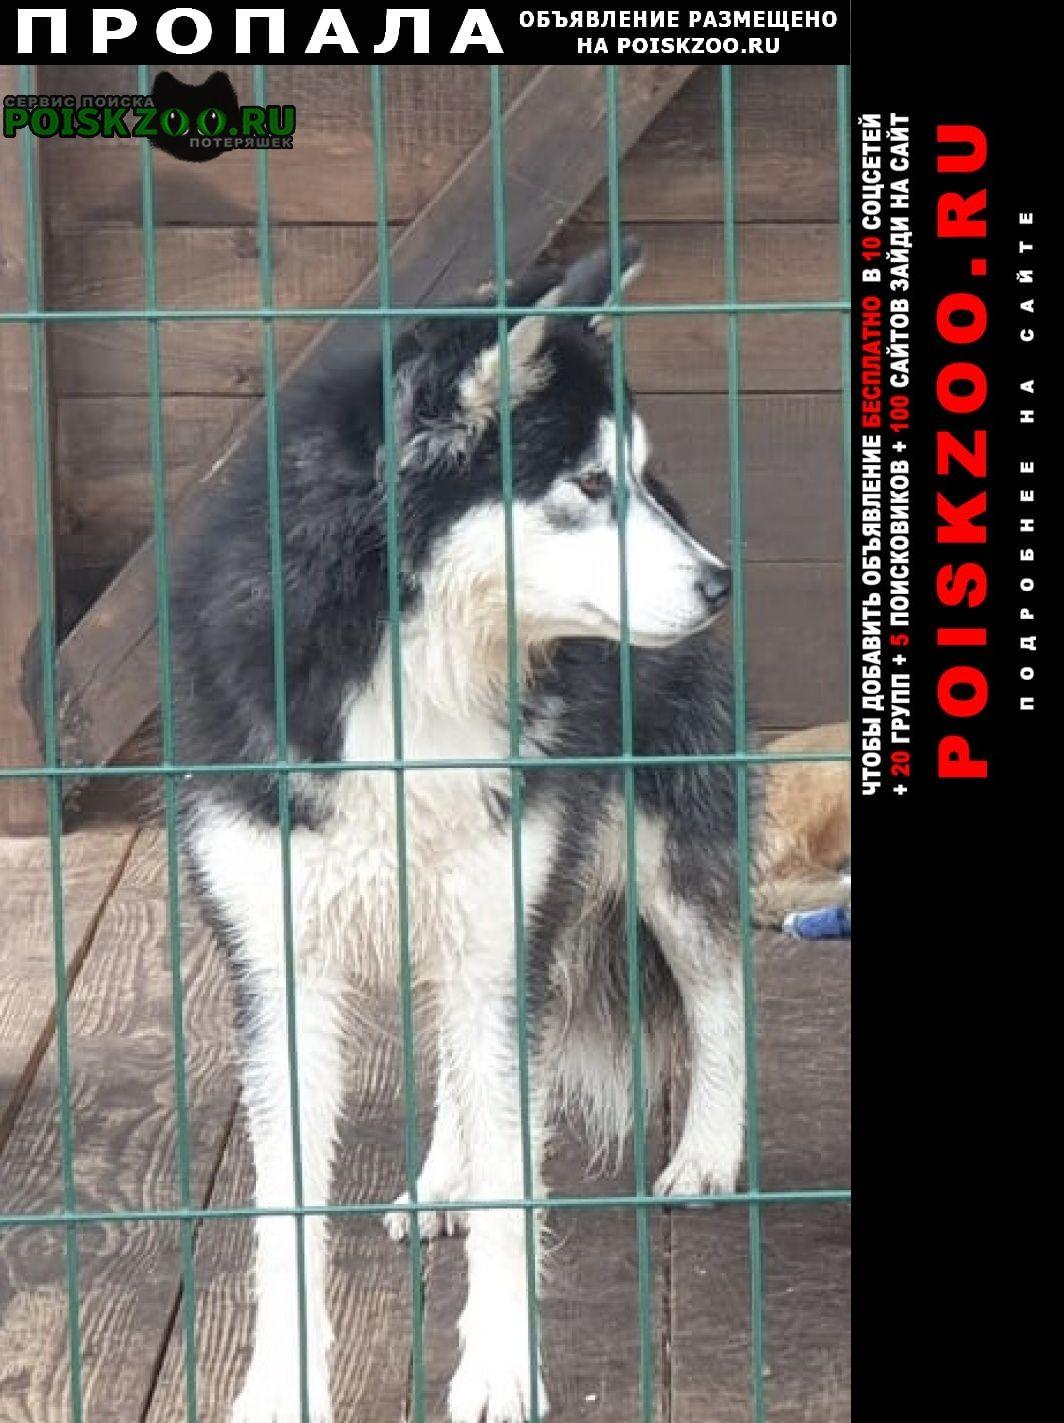 Пропала собака потерялась Кемерово